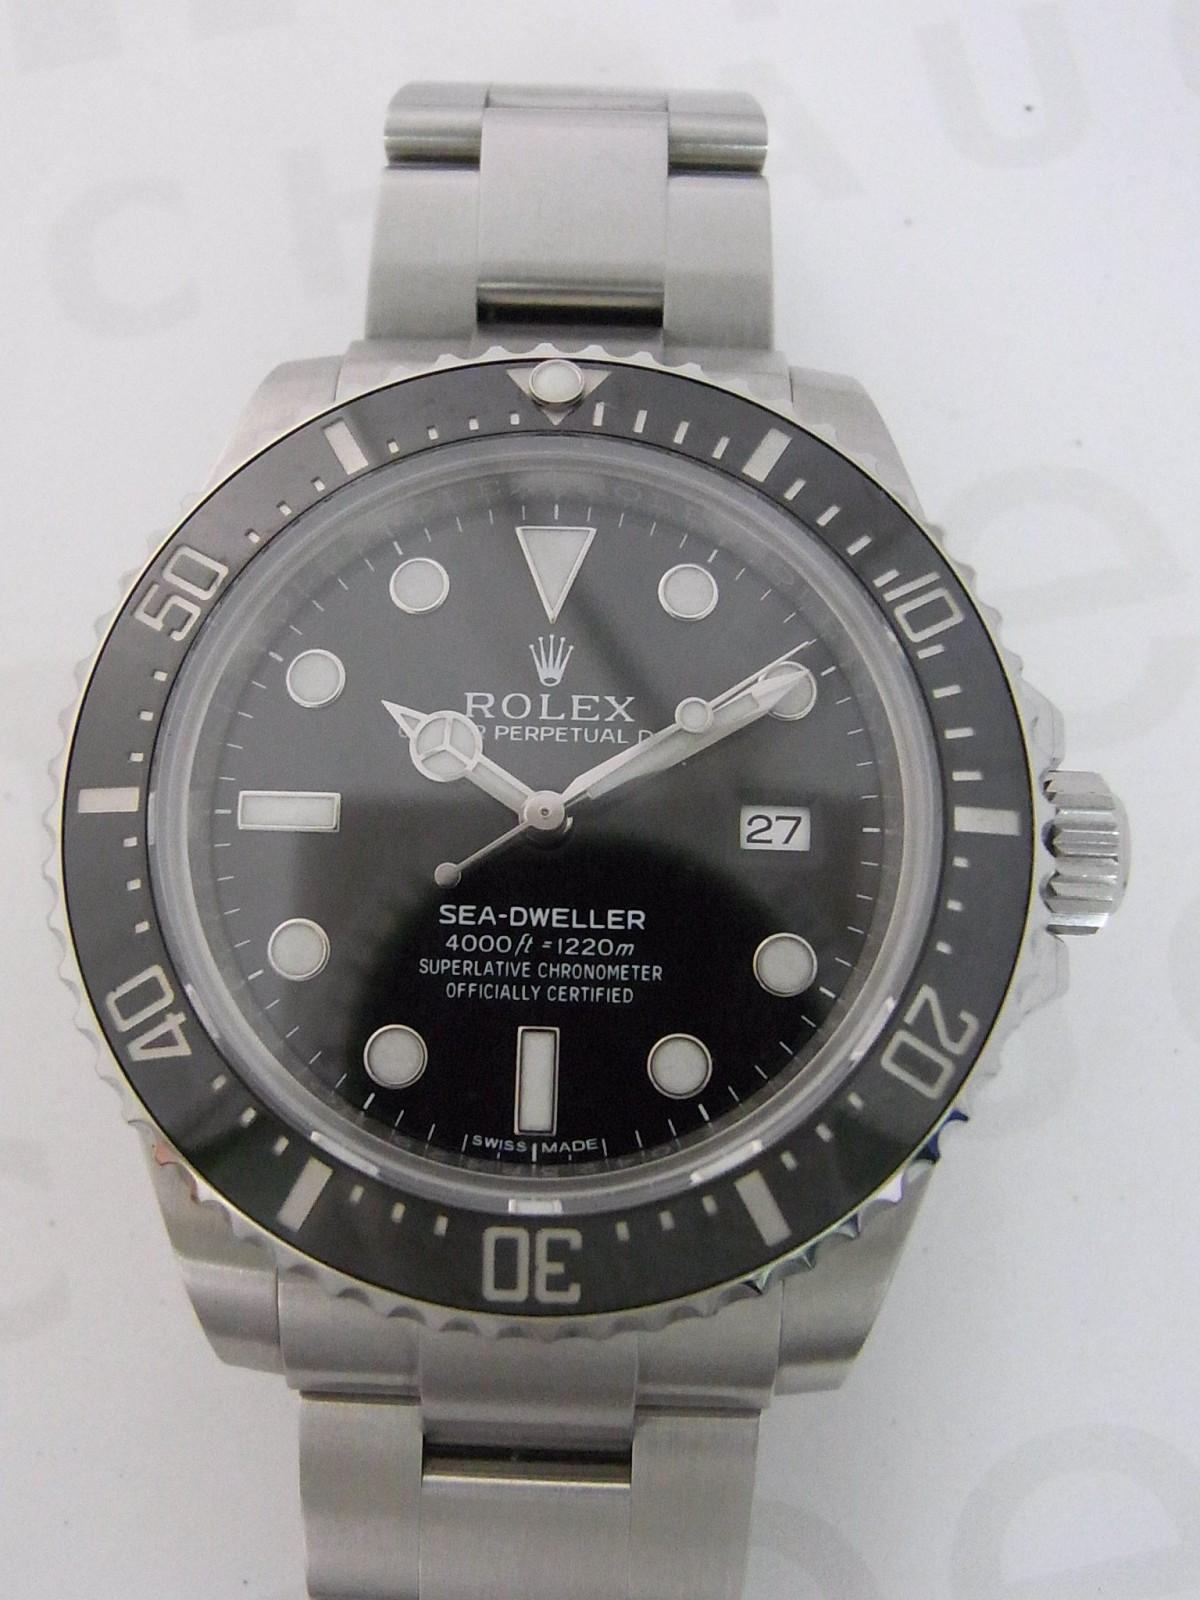 e06e81c6be3 Usato Rolex sea dweller 116600 Orologi (€3